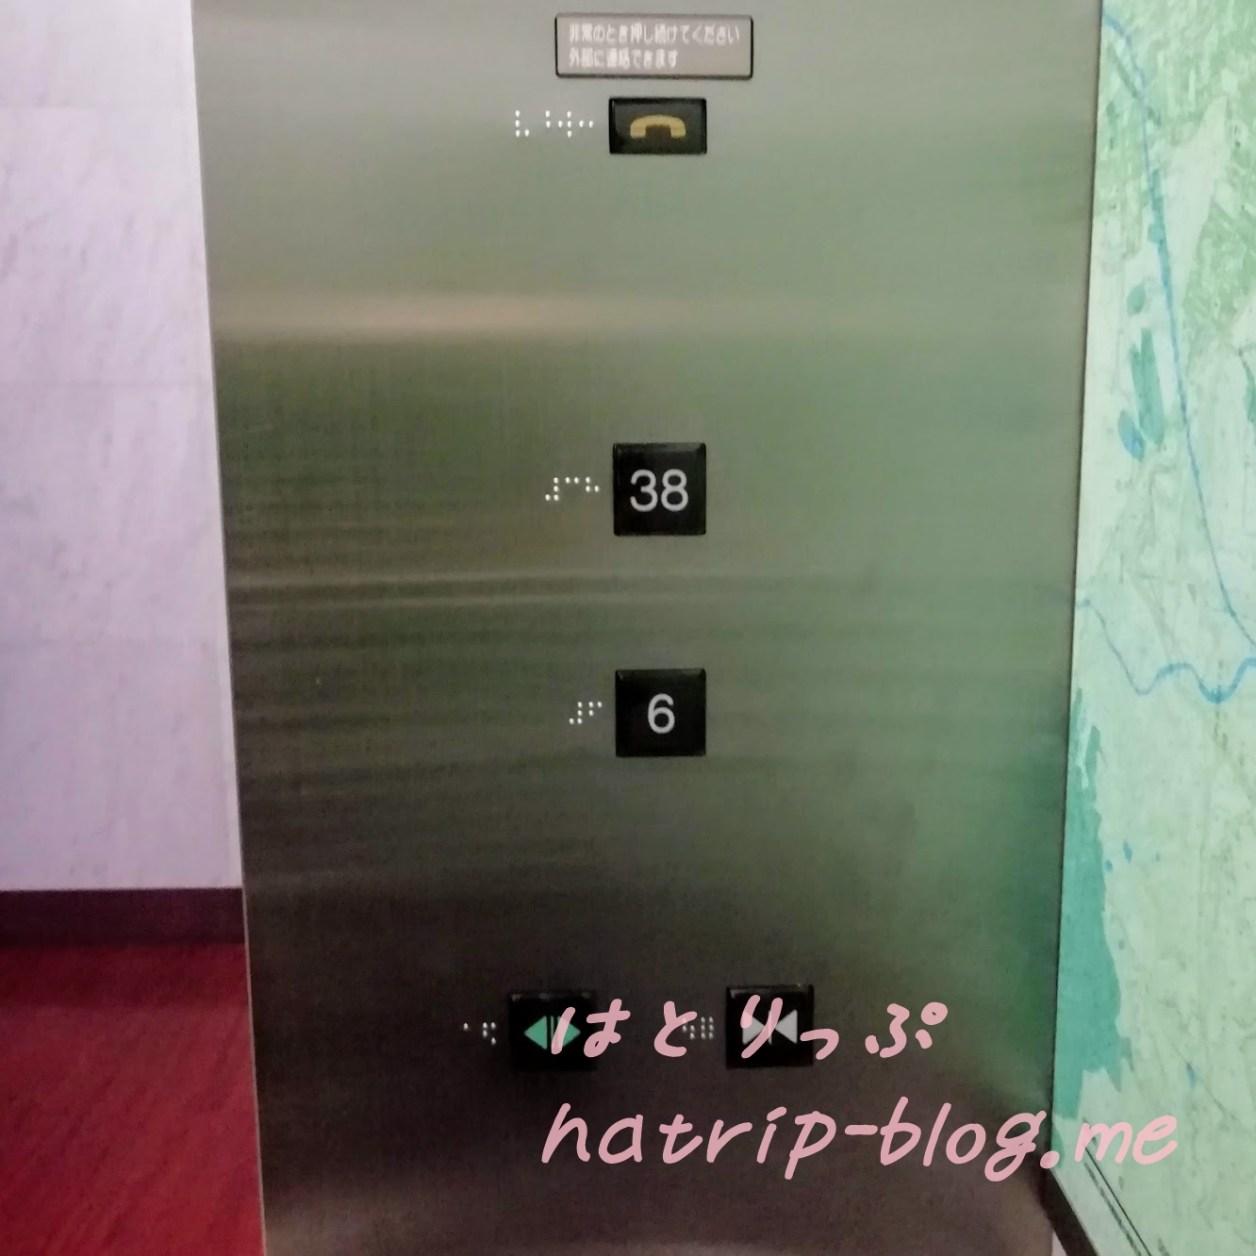 JRタワー展望室 T38 タワースリーエイト エレベーター